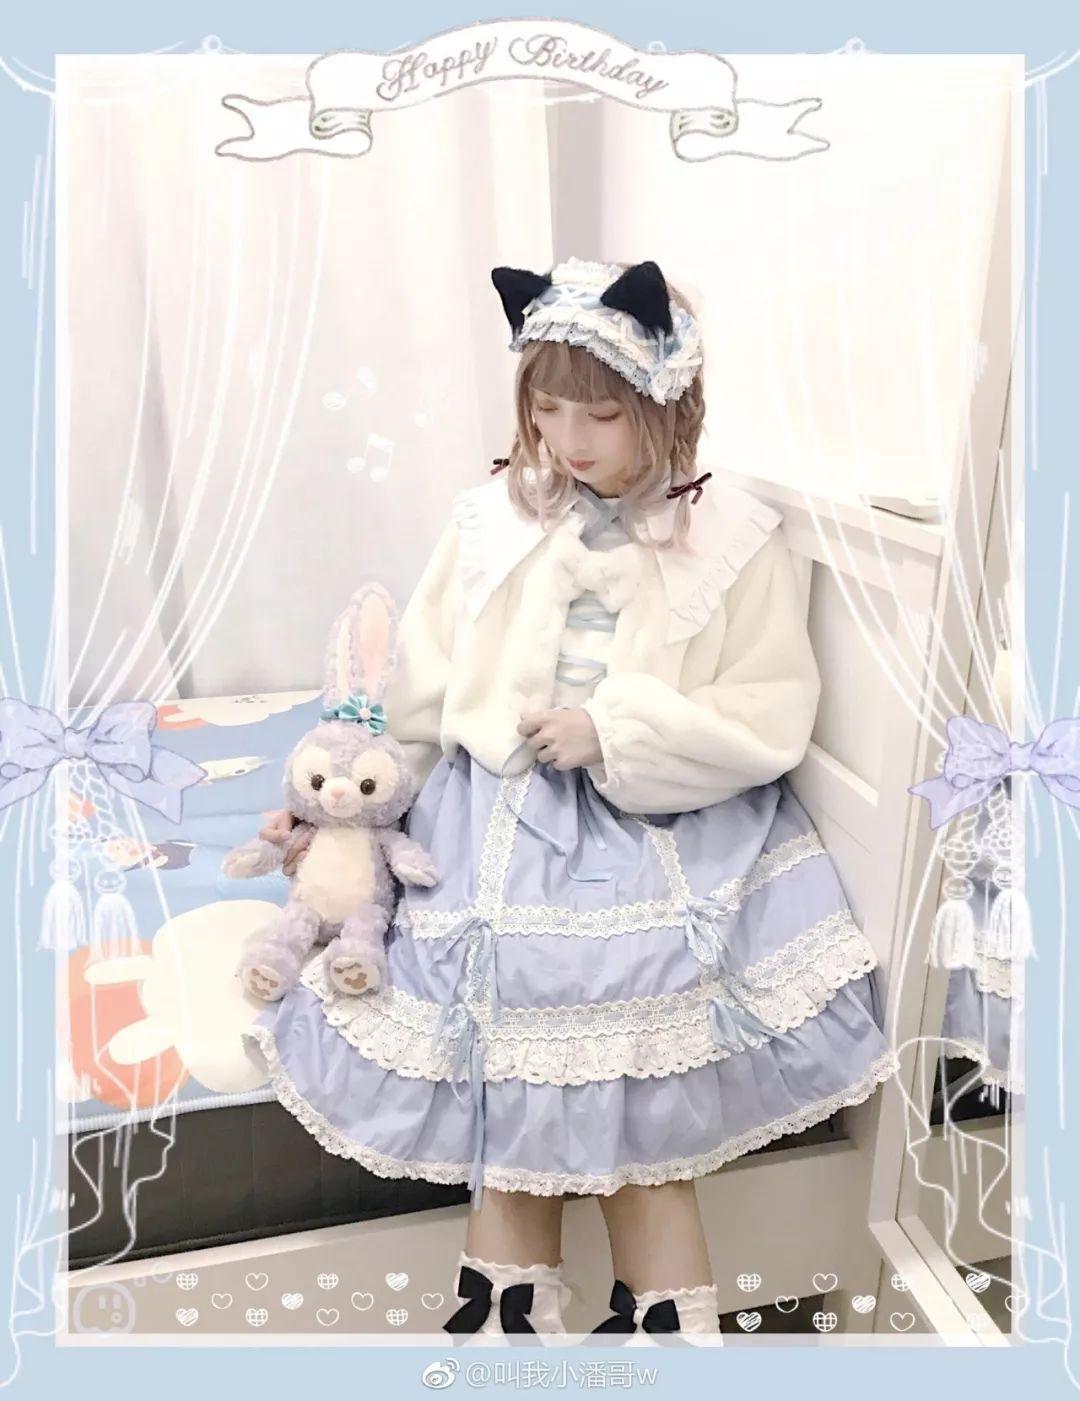 妹子摄影 – Lolita猫耳娘少女,精致的小公主_图片 No.4